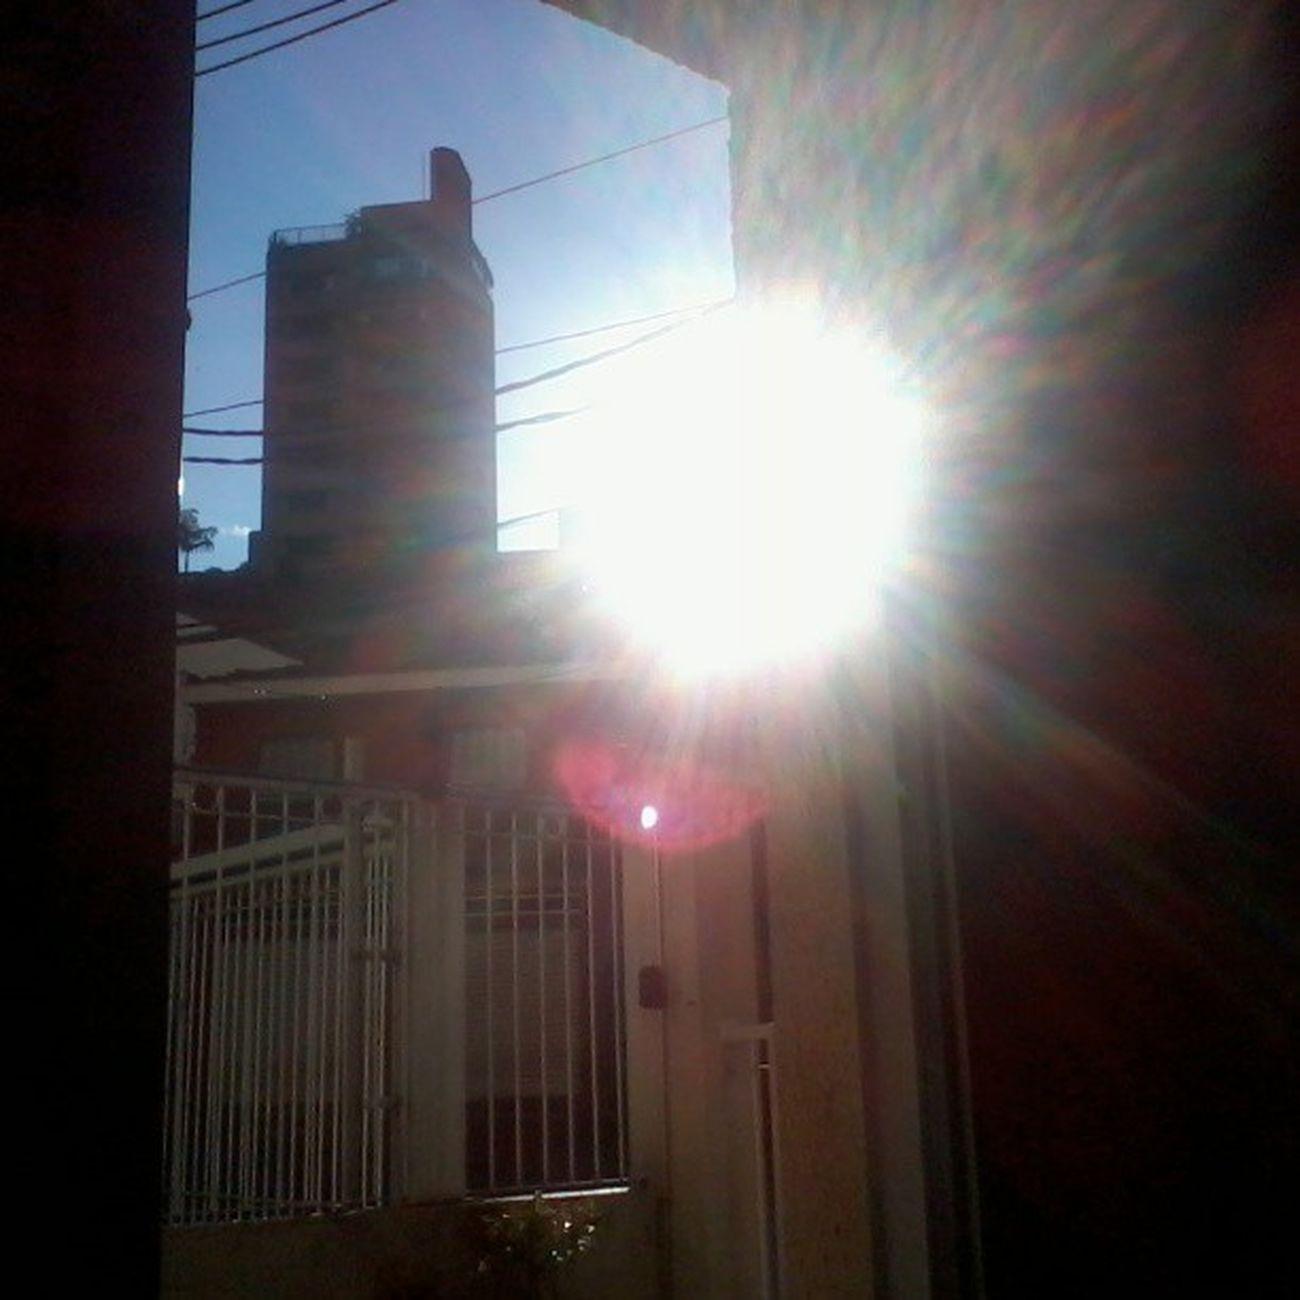 Quando o sol bater na janela do teu quarto,lembra e vê que o caminho é um só,porque esperar se podemos começar tudo de novo? Agora mesmo. Cut Legião Morumbi SP SolLindo ObrigadoSenhor instalike likeforlike tagsforlike